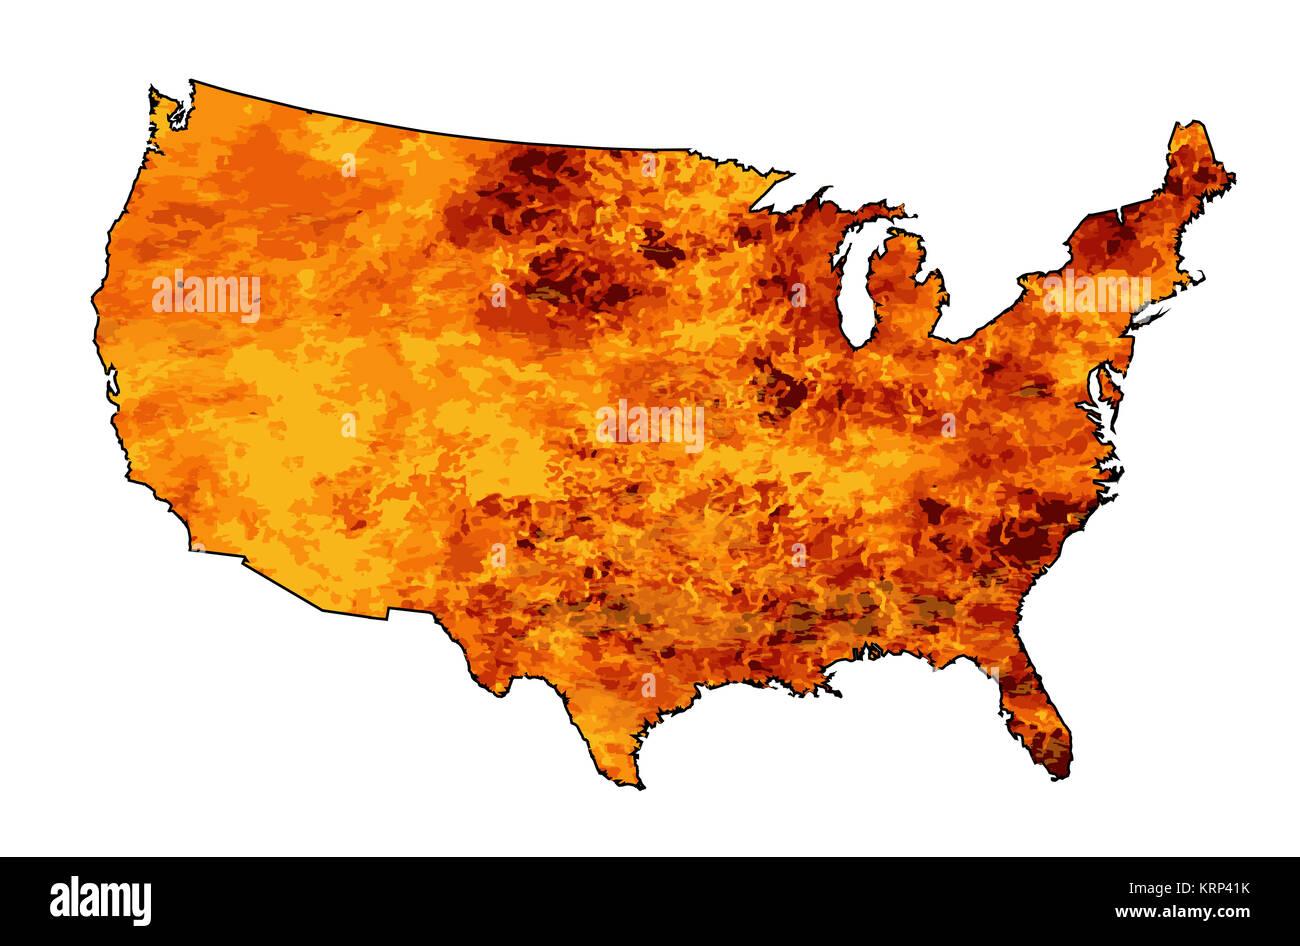 Heat Map Imágenes De Stock & Heat Map Fotos De Stock - Alamy